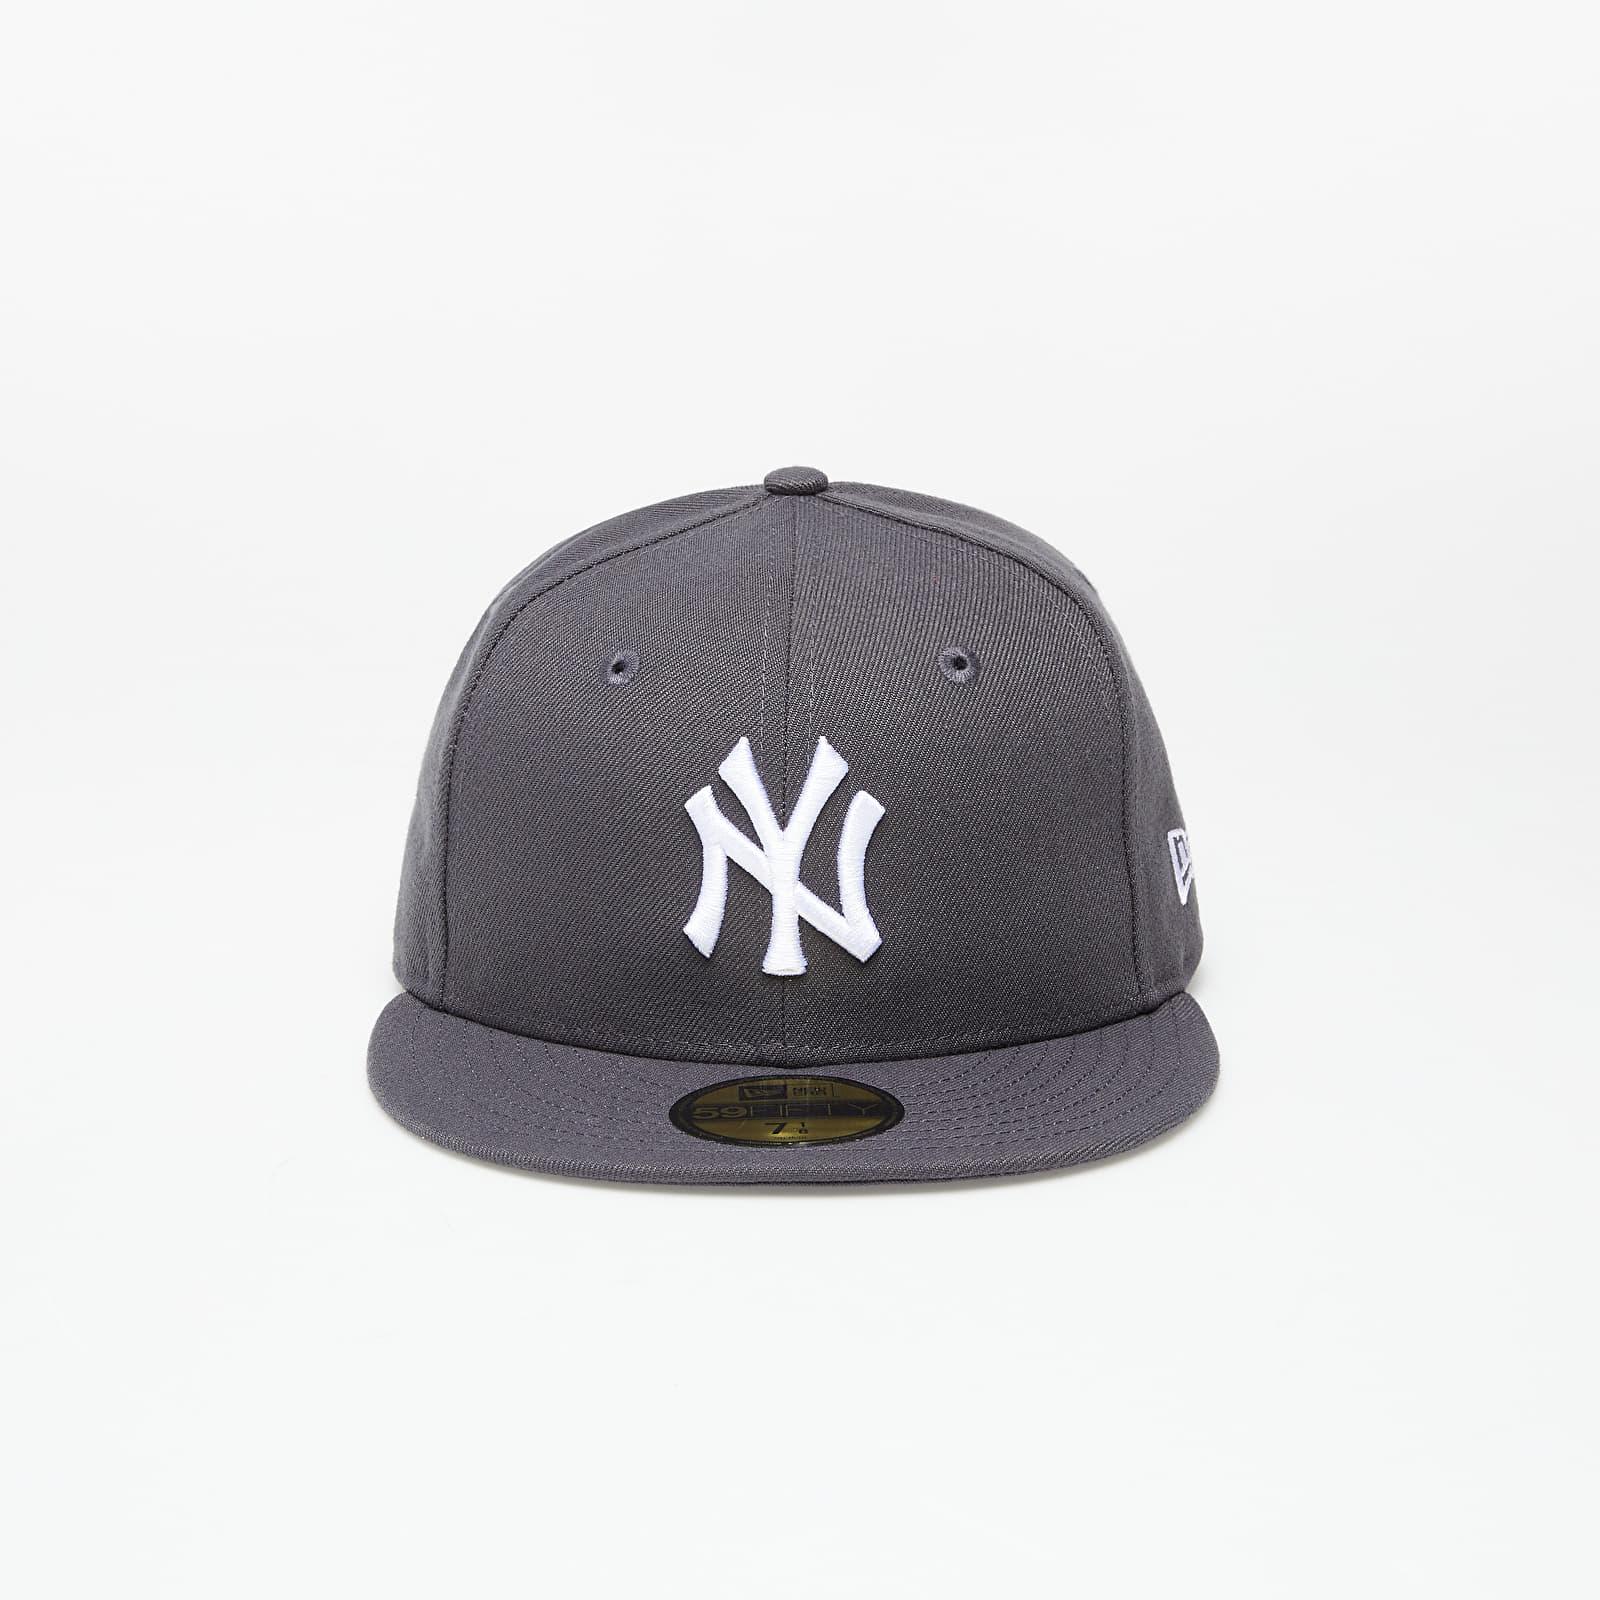 New Era Cap 59Fifty Mlb Basic New York Yankees Graphite/ White 6 7/8